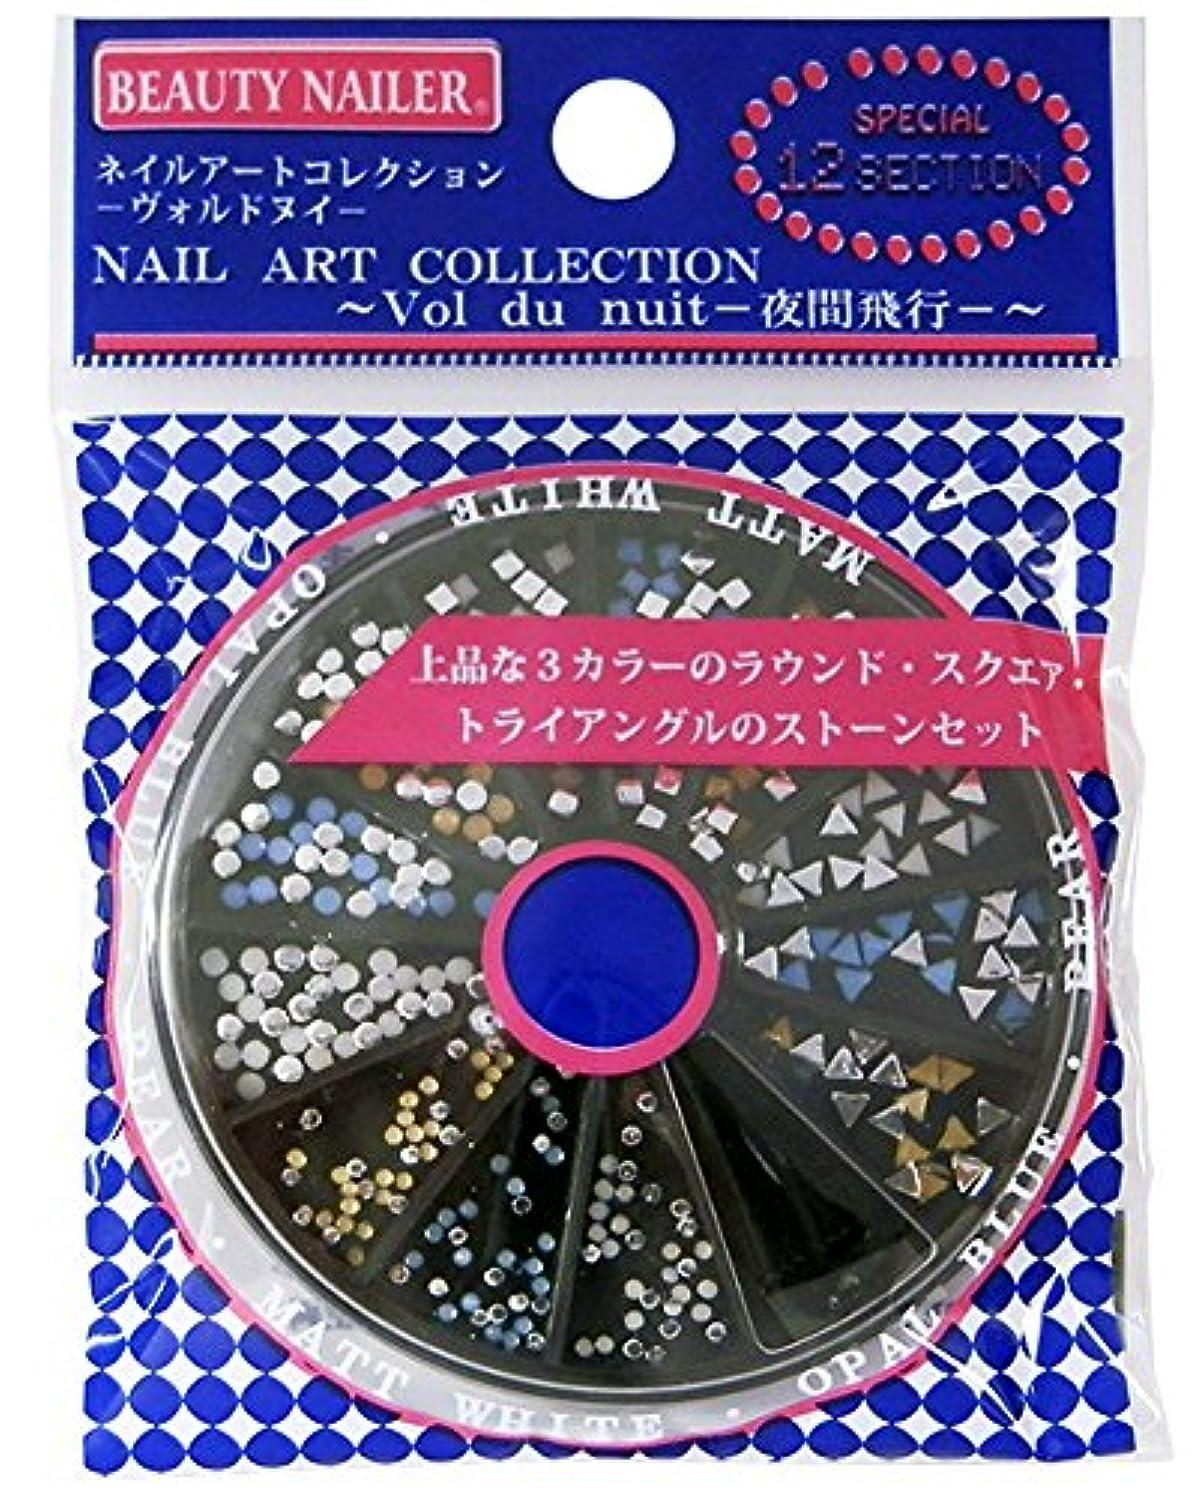 略奪オンス研磨剤ビューティーネイラー ネイルアートコレクション NAA-46